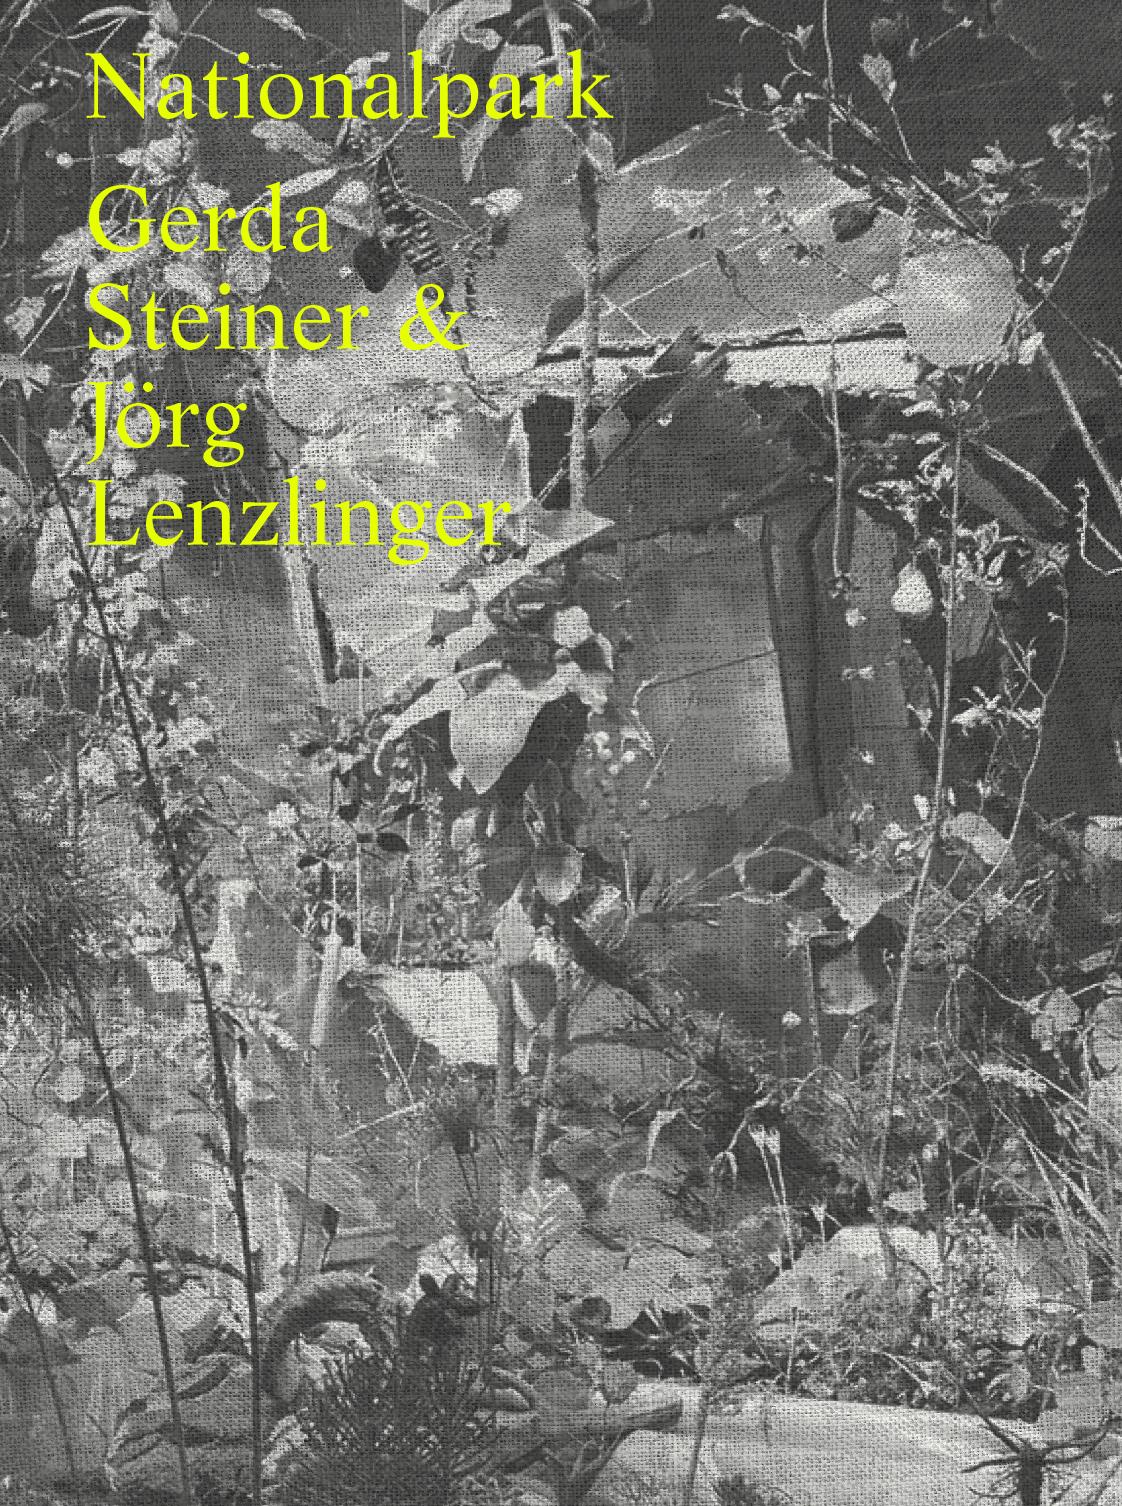 Nationalpark Gerda Steiner